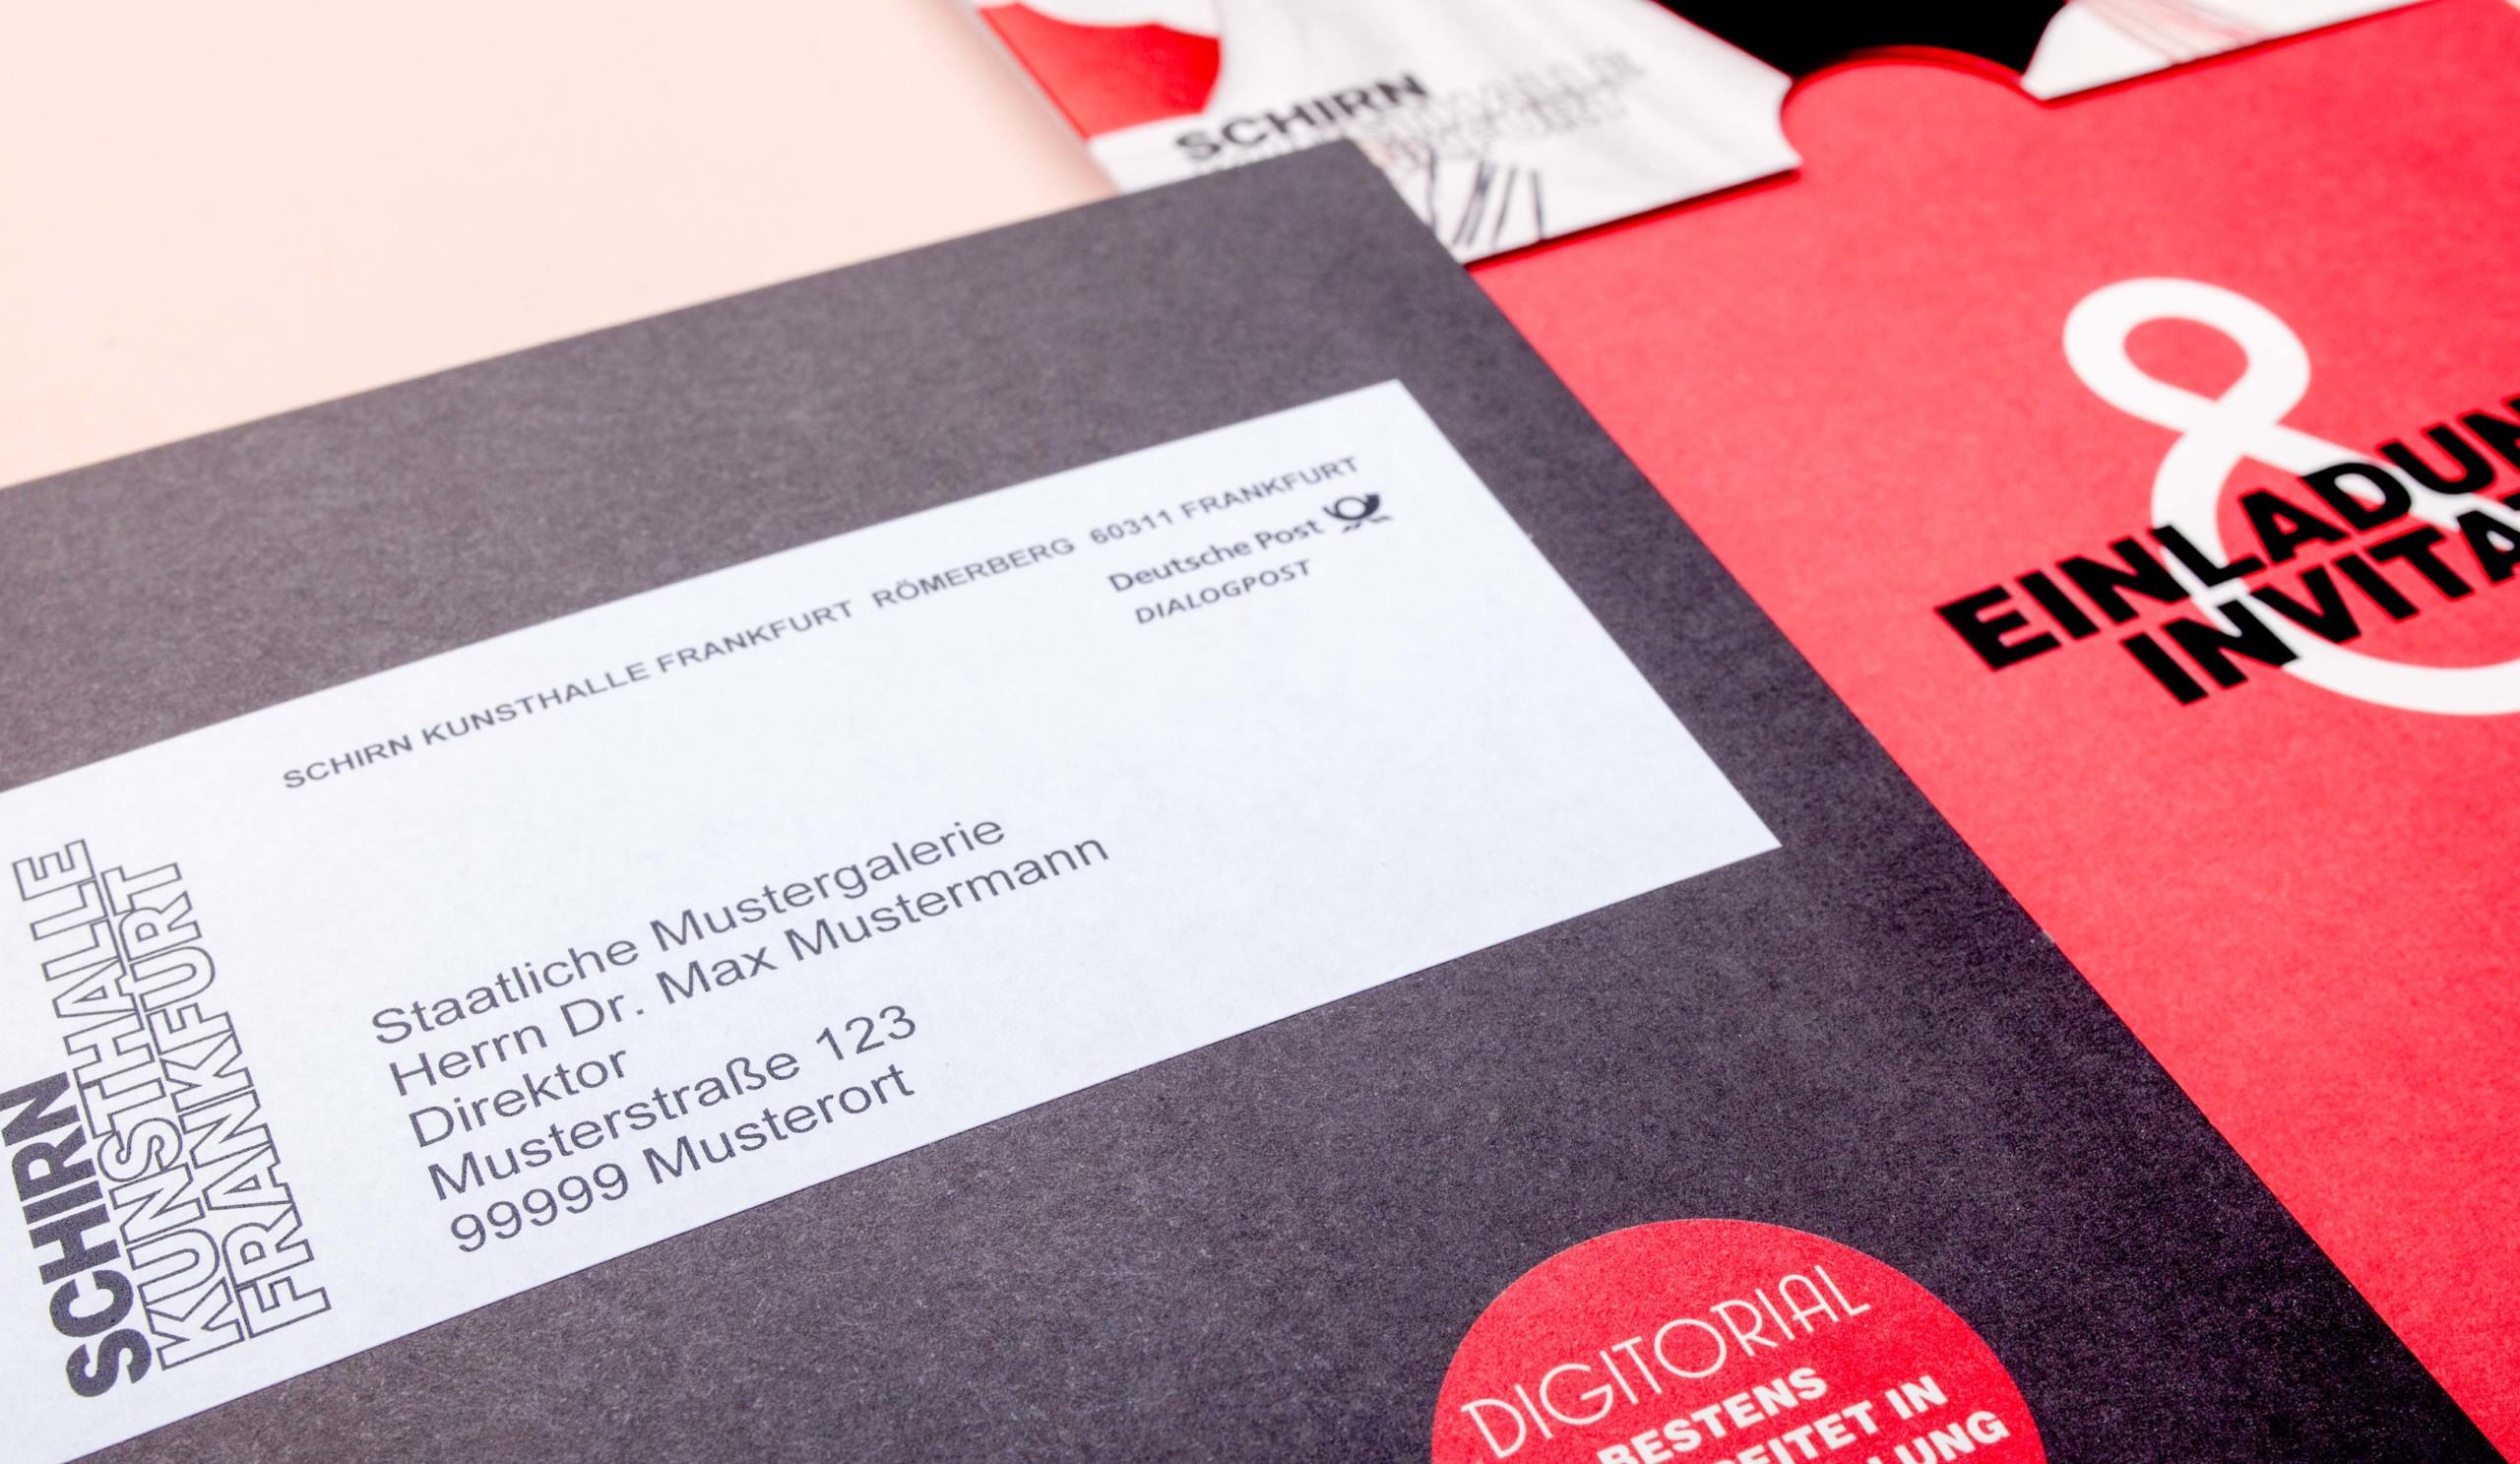 Einladung Papier Personalisierung Mailing Print Lettershop